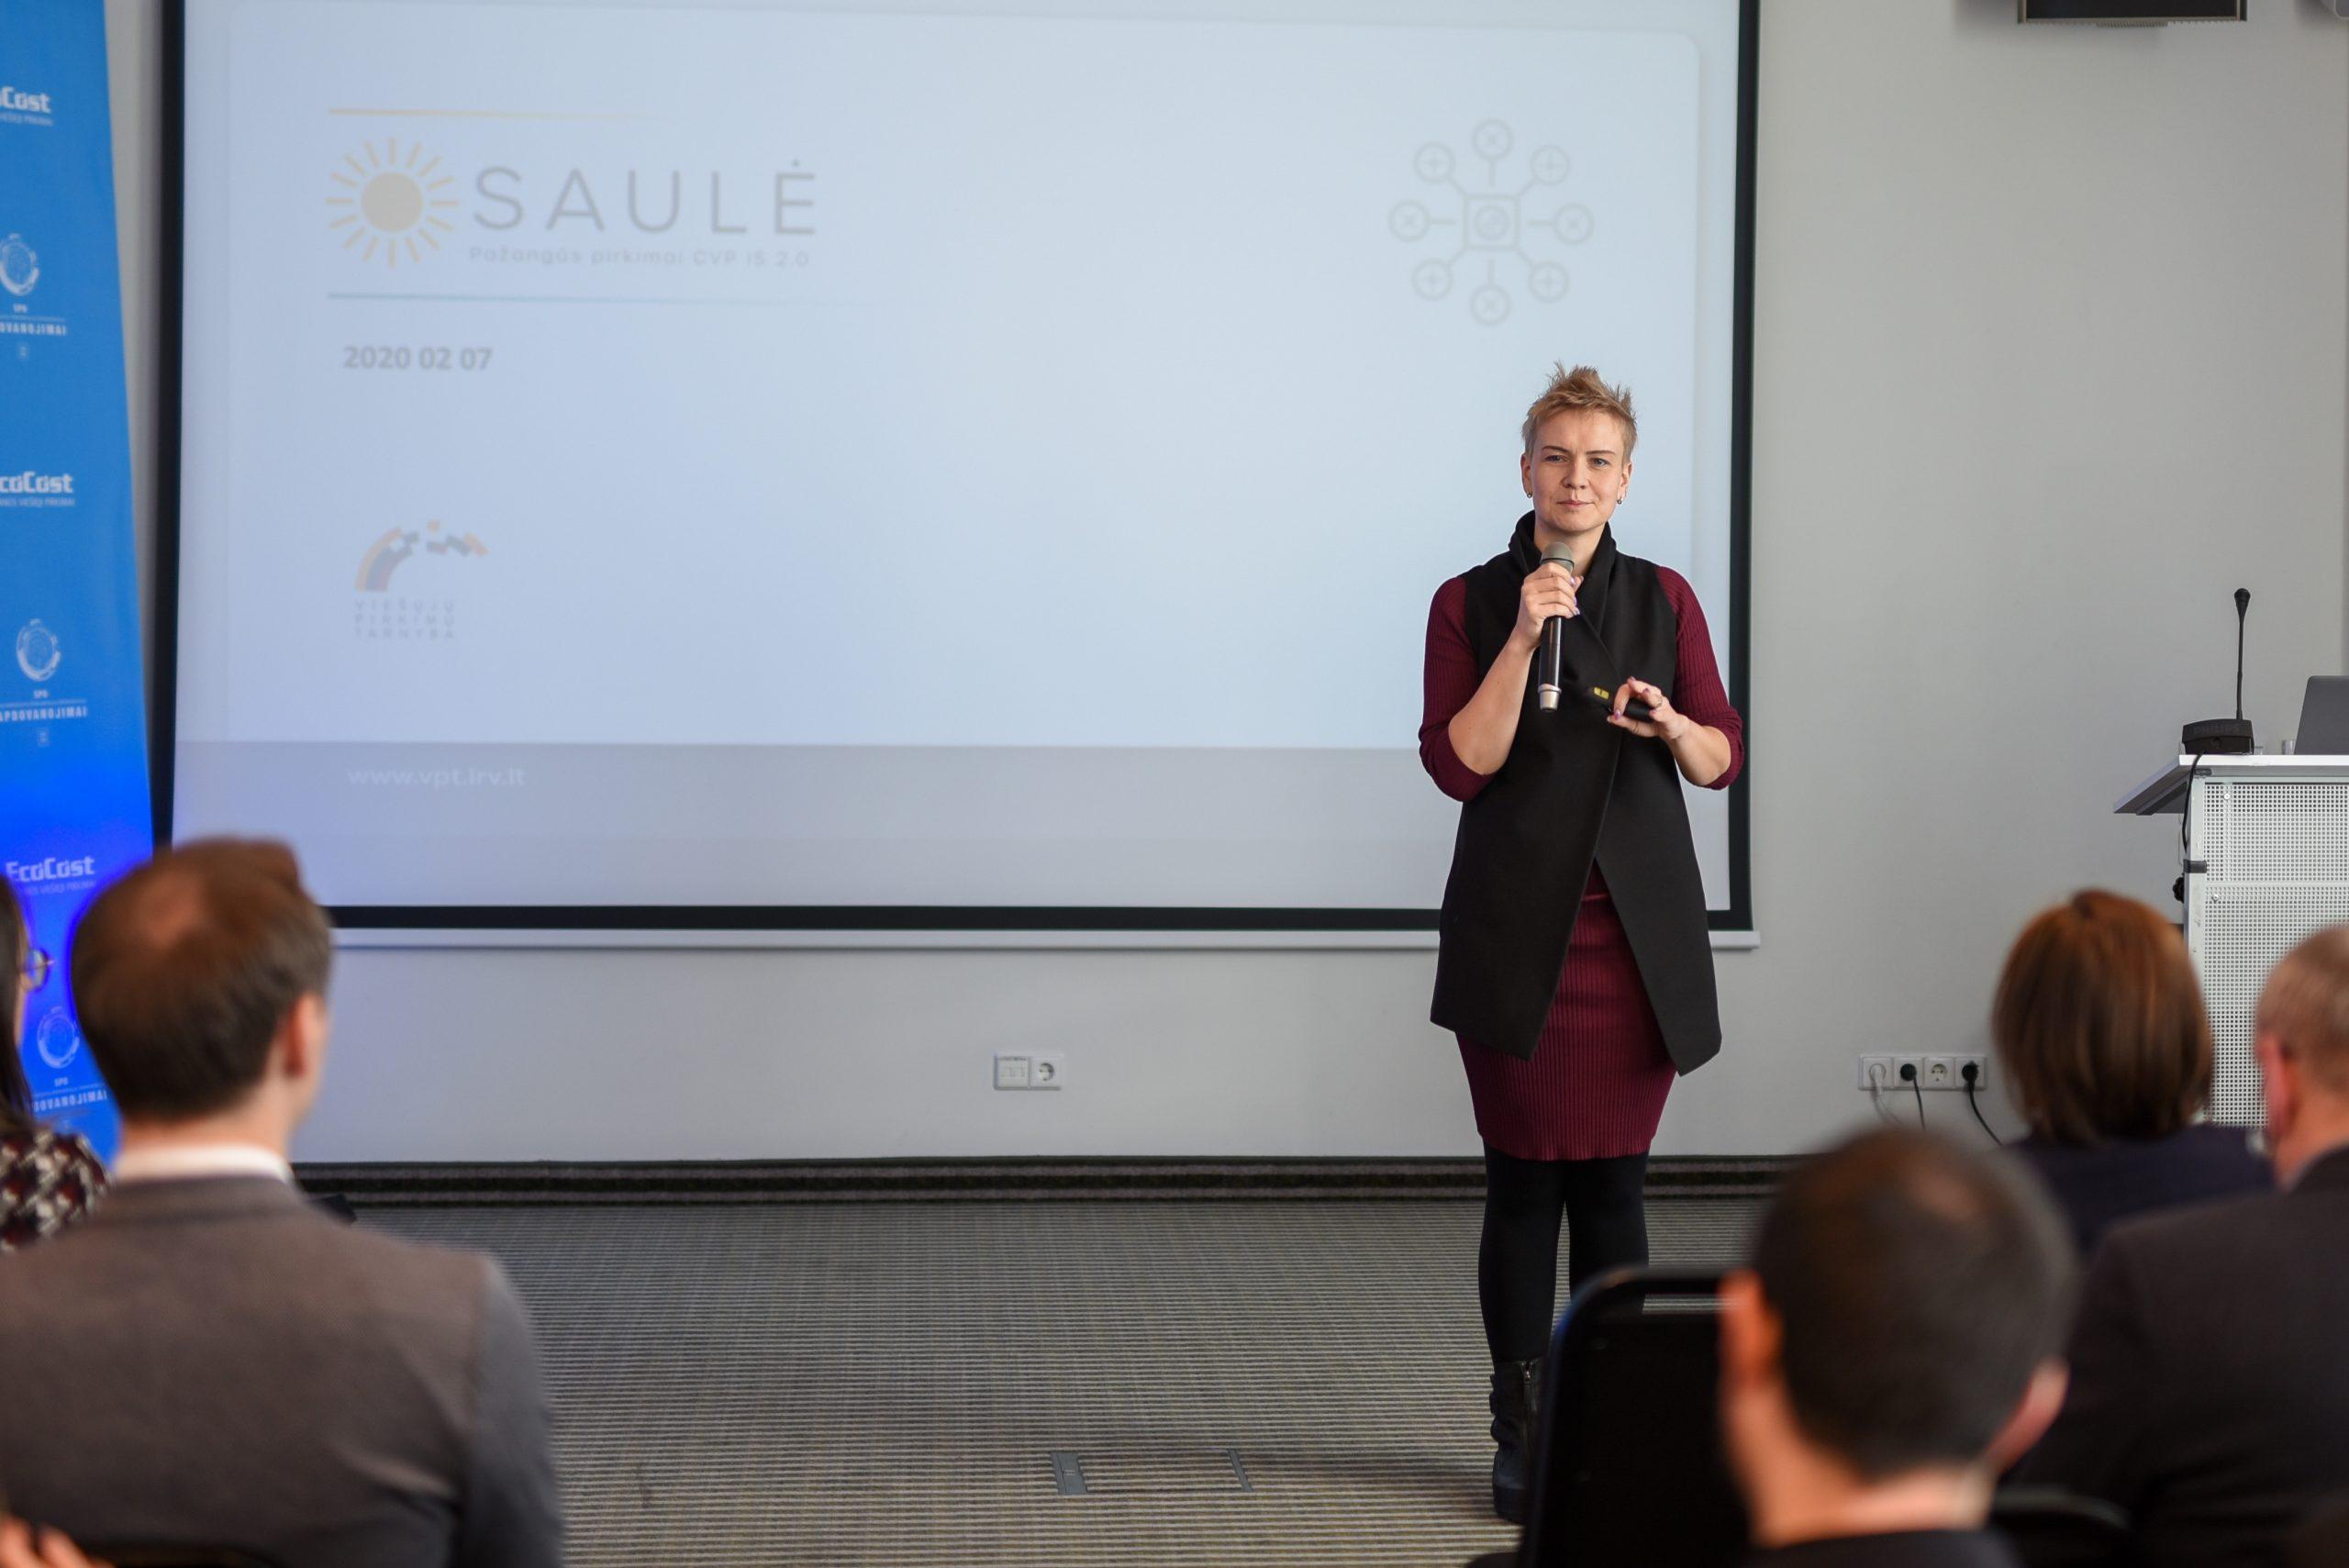 Eglė Radvilė CVP IS 2.0 SAULĖ projekto vadovė